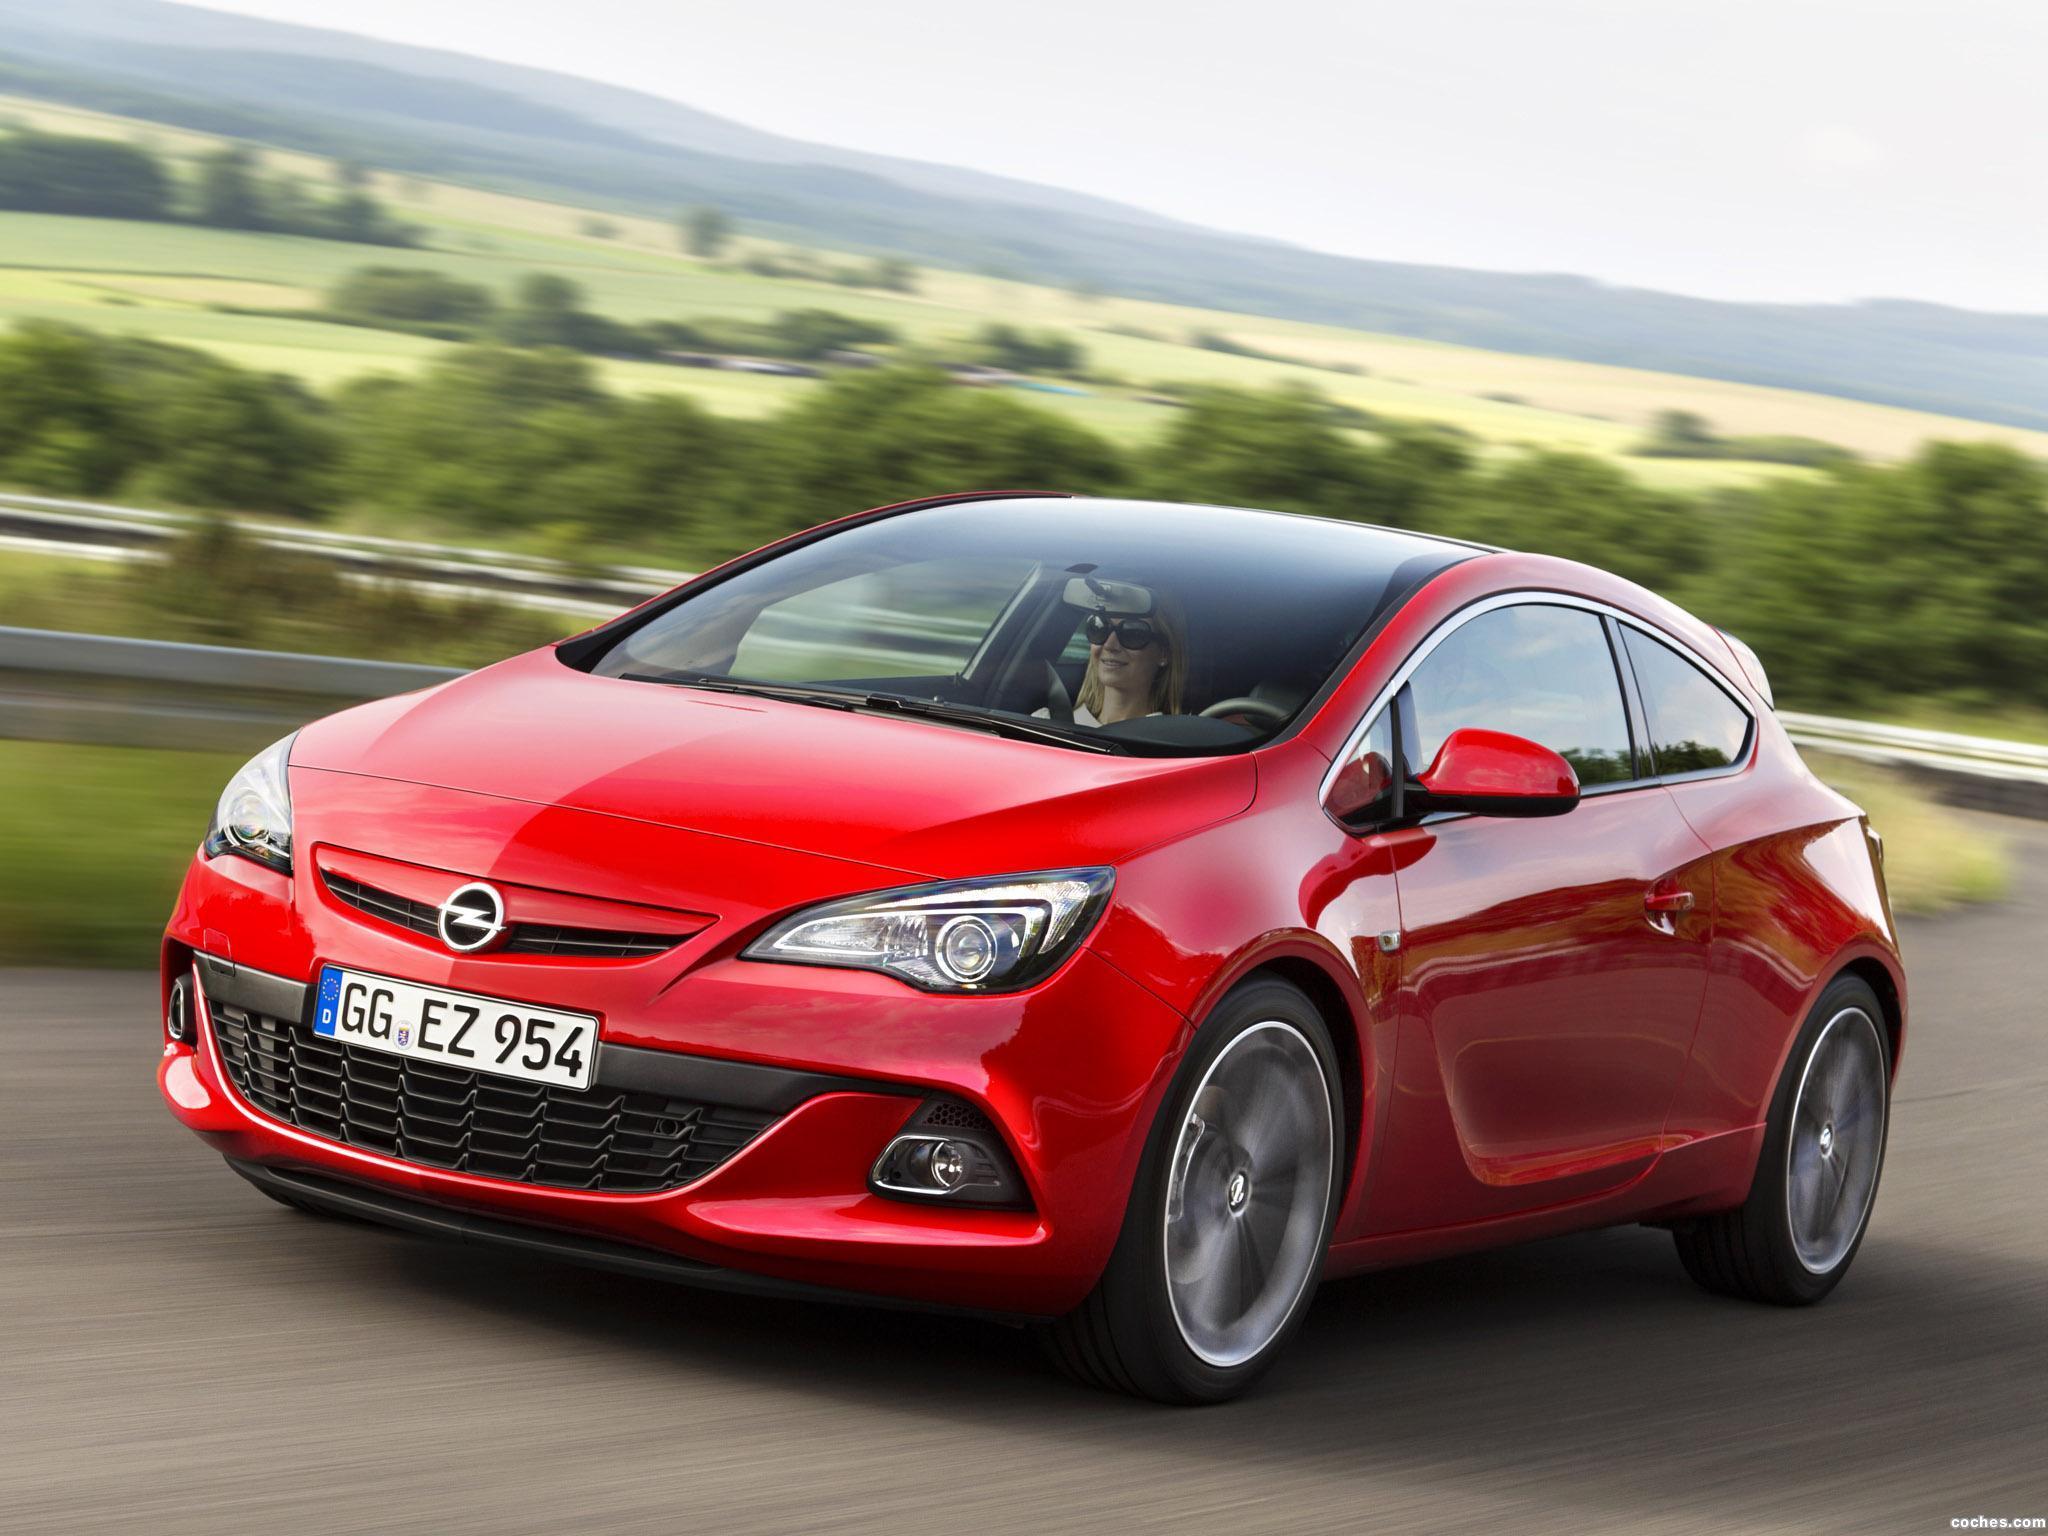 Foto 0 de Opel Astra GSI Biturbo Panoramic 2012